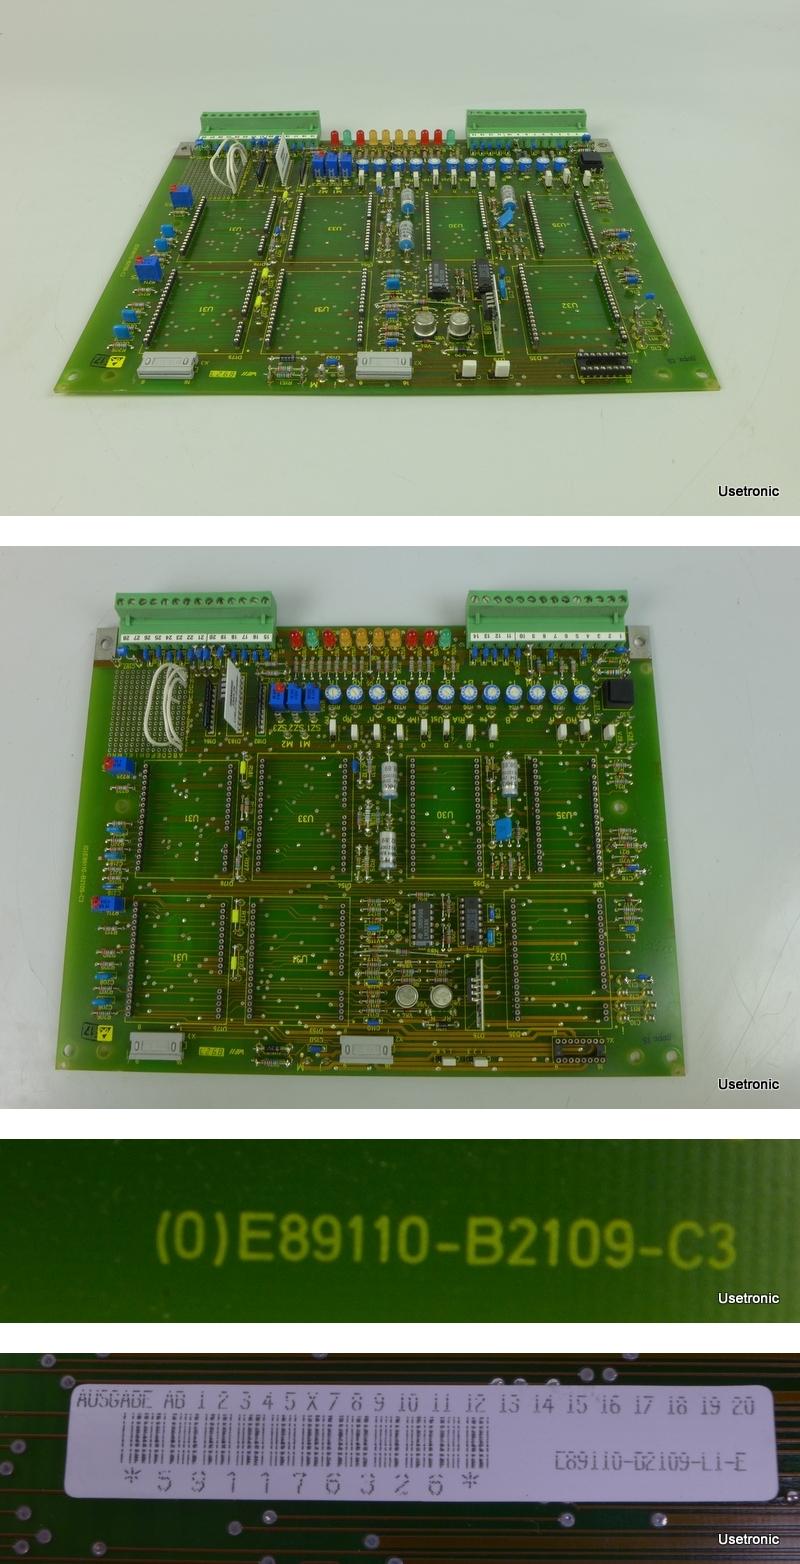 Siemens E89110-B2109-L1-E